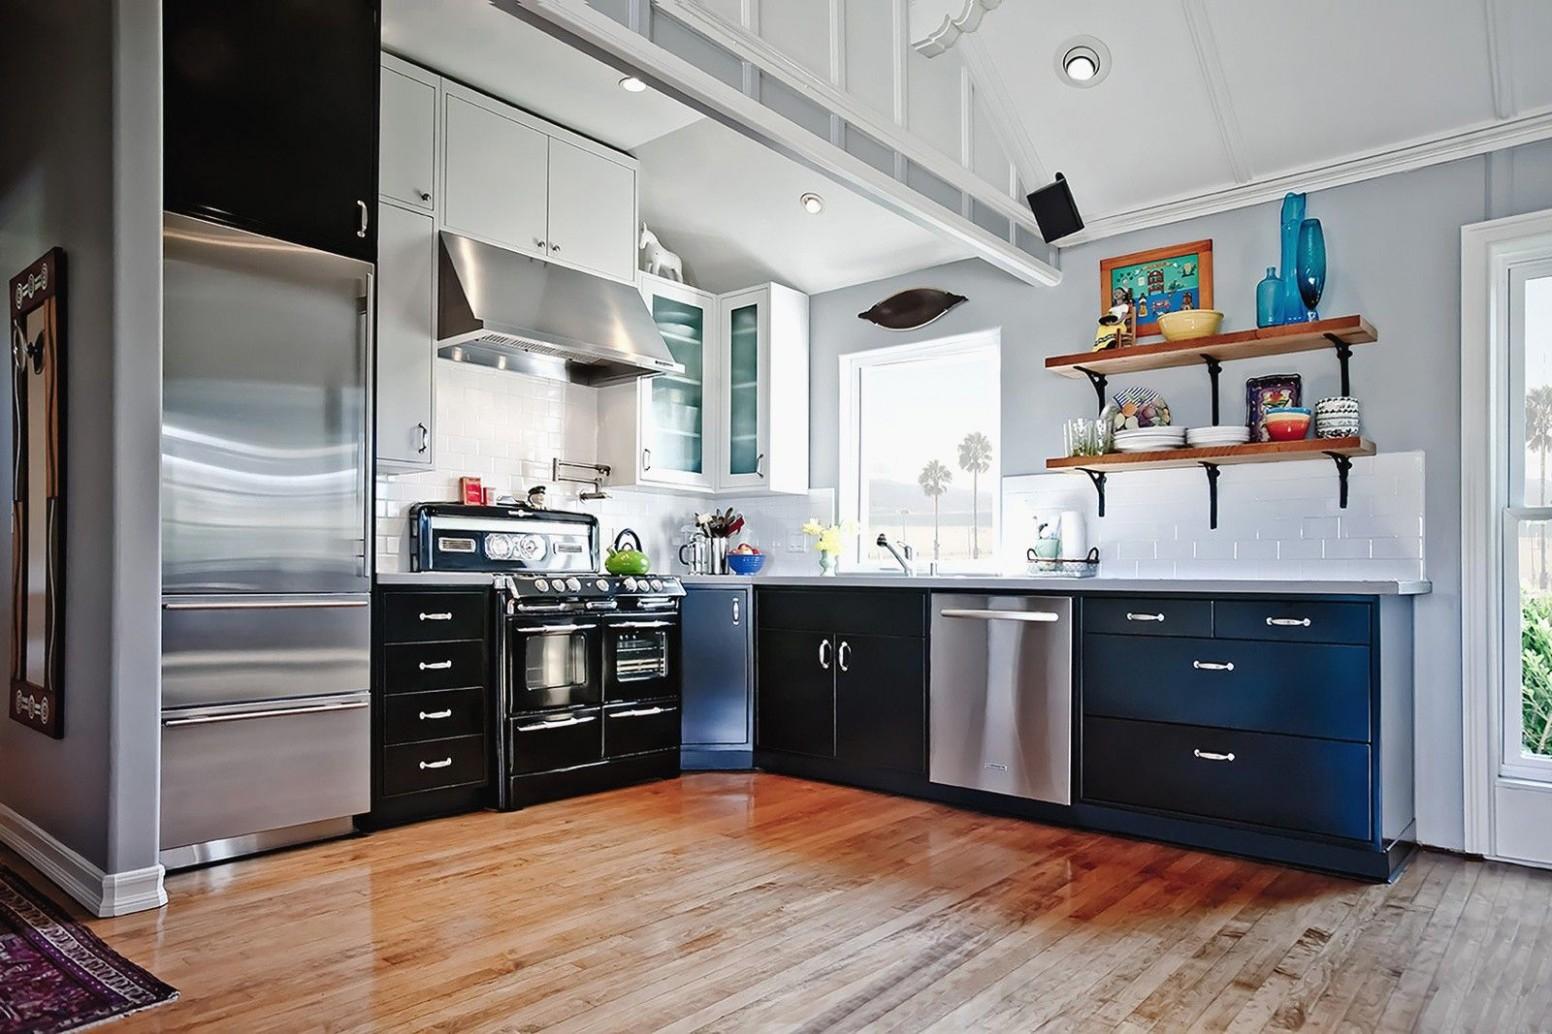 Inspirational Vintage Metal Kitchen Cabinets Craigslist – The  - Steel Kitchen Cabinets Craigslist